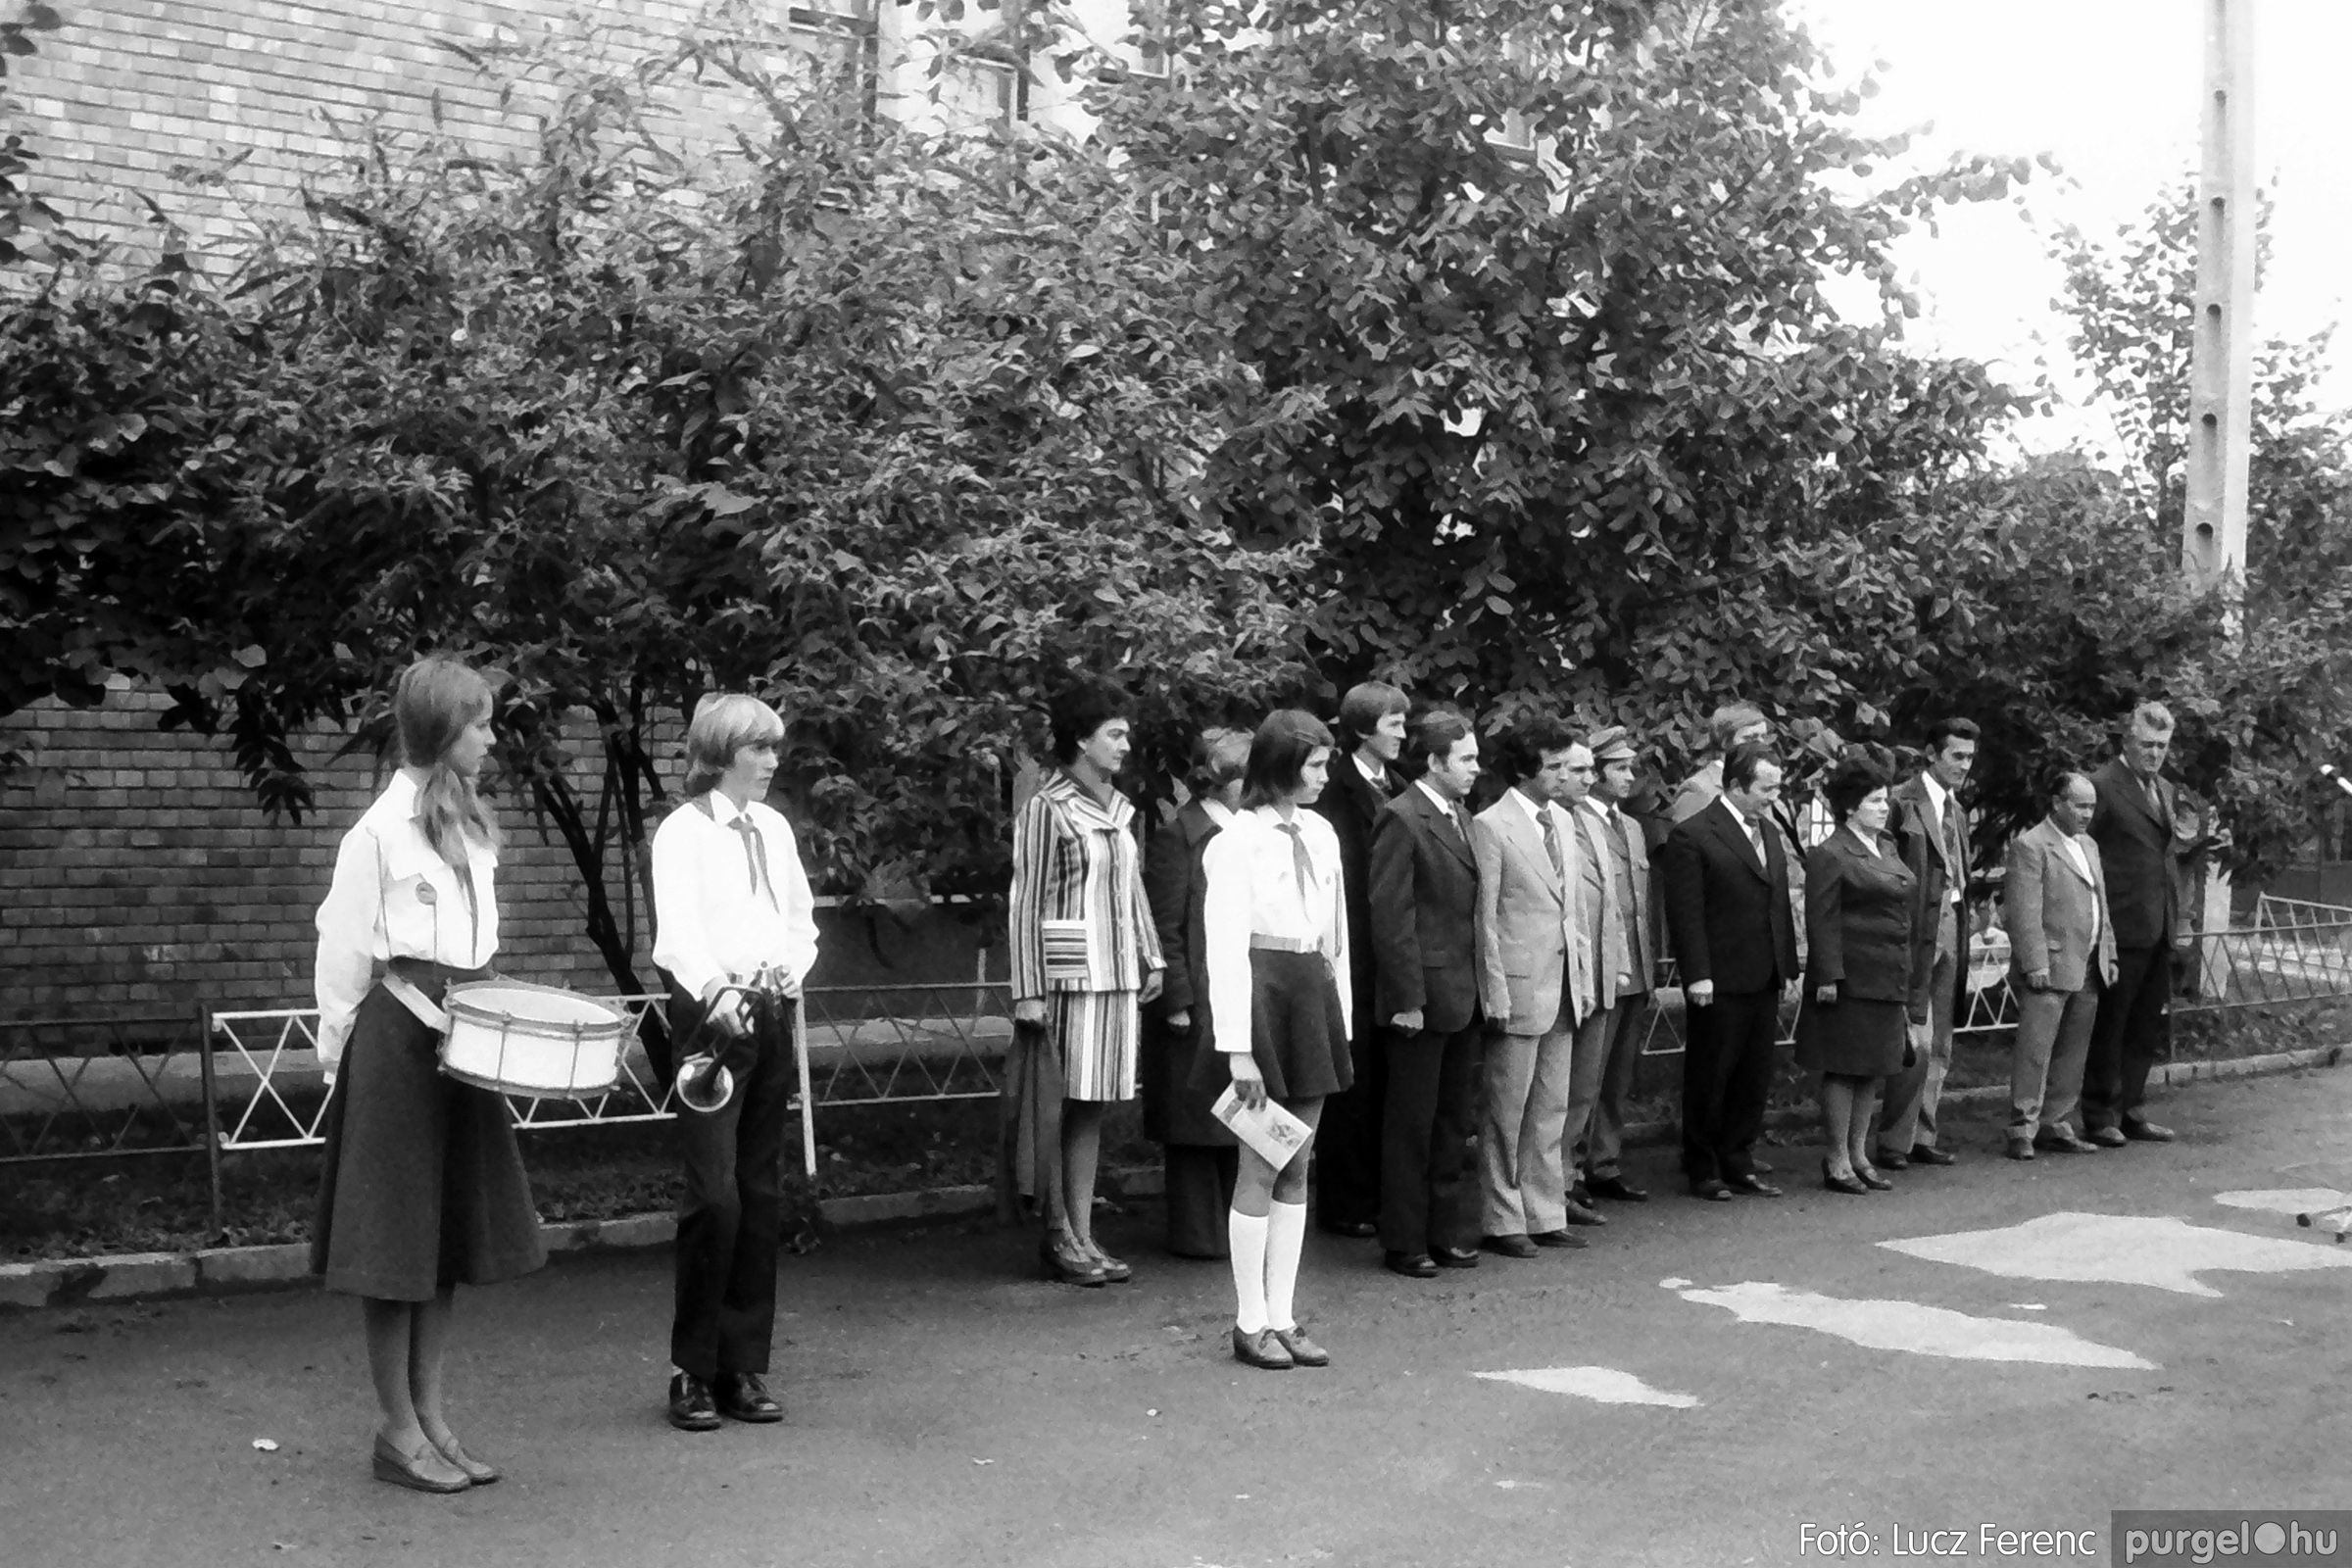 090. 1977. Úttörő gárda - ifjú gárda seregszemle 019. - Fotó: Lucz Ferenc.jpg